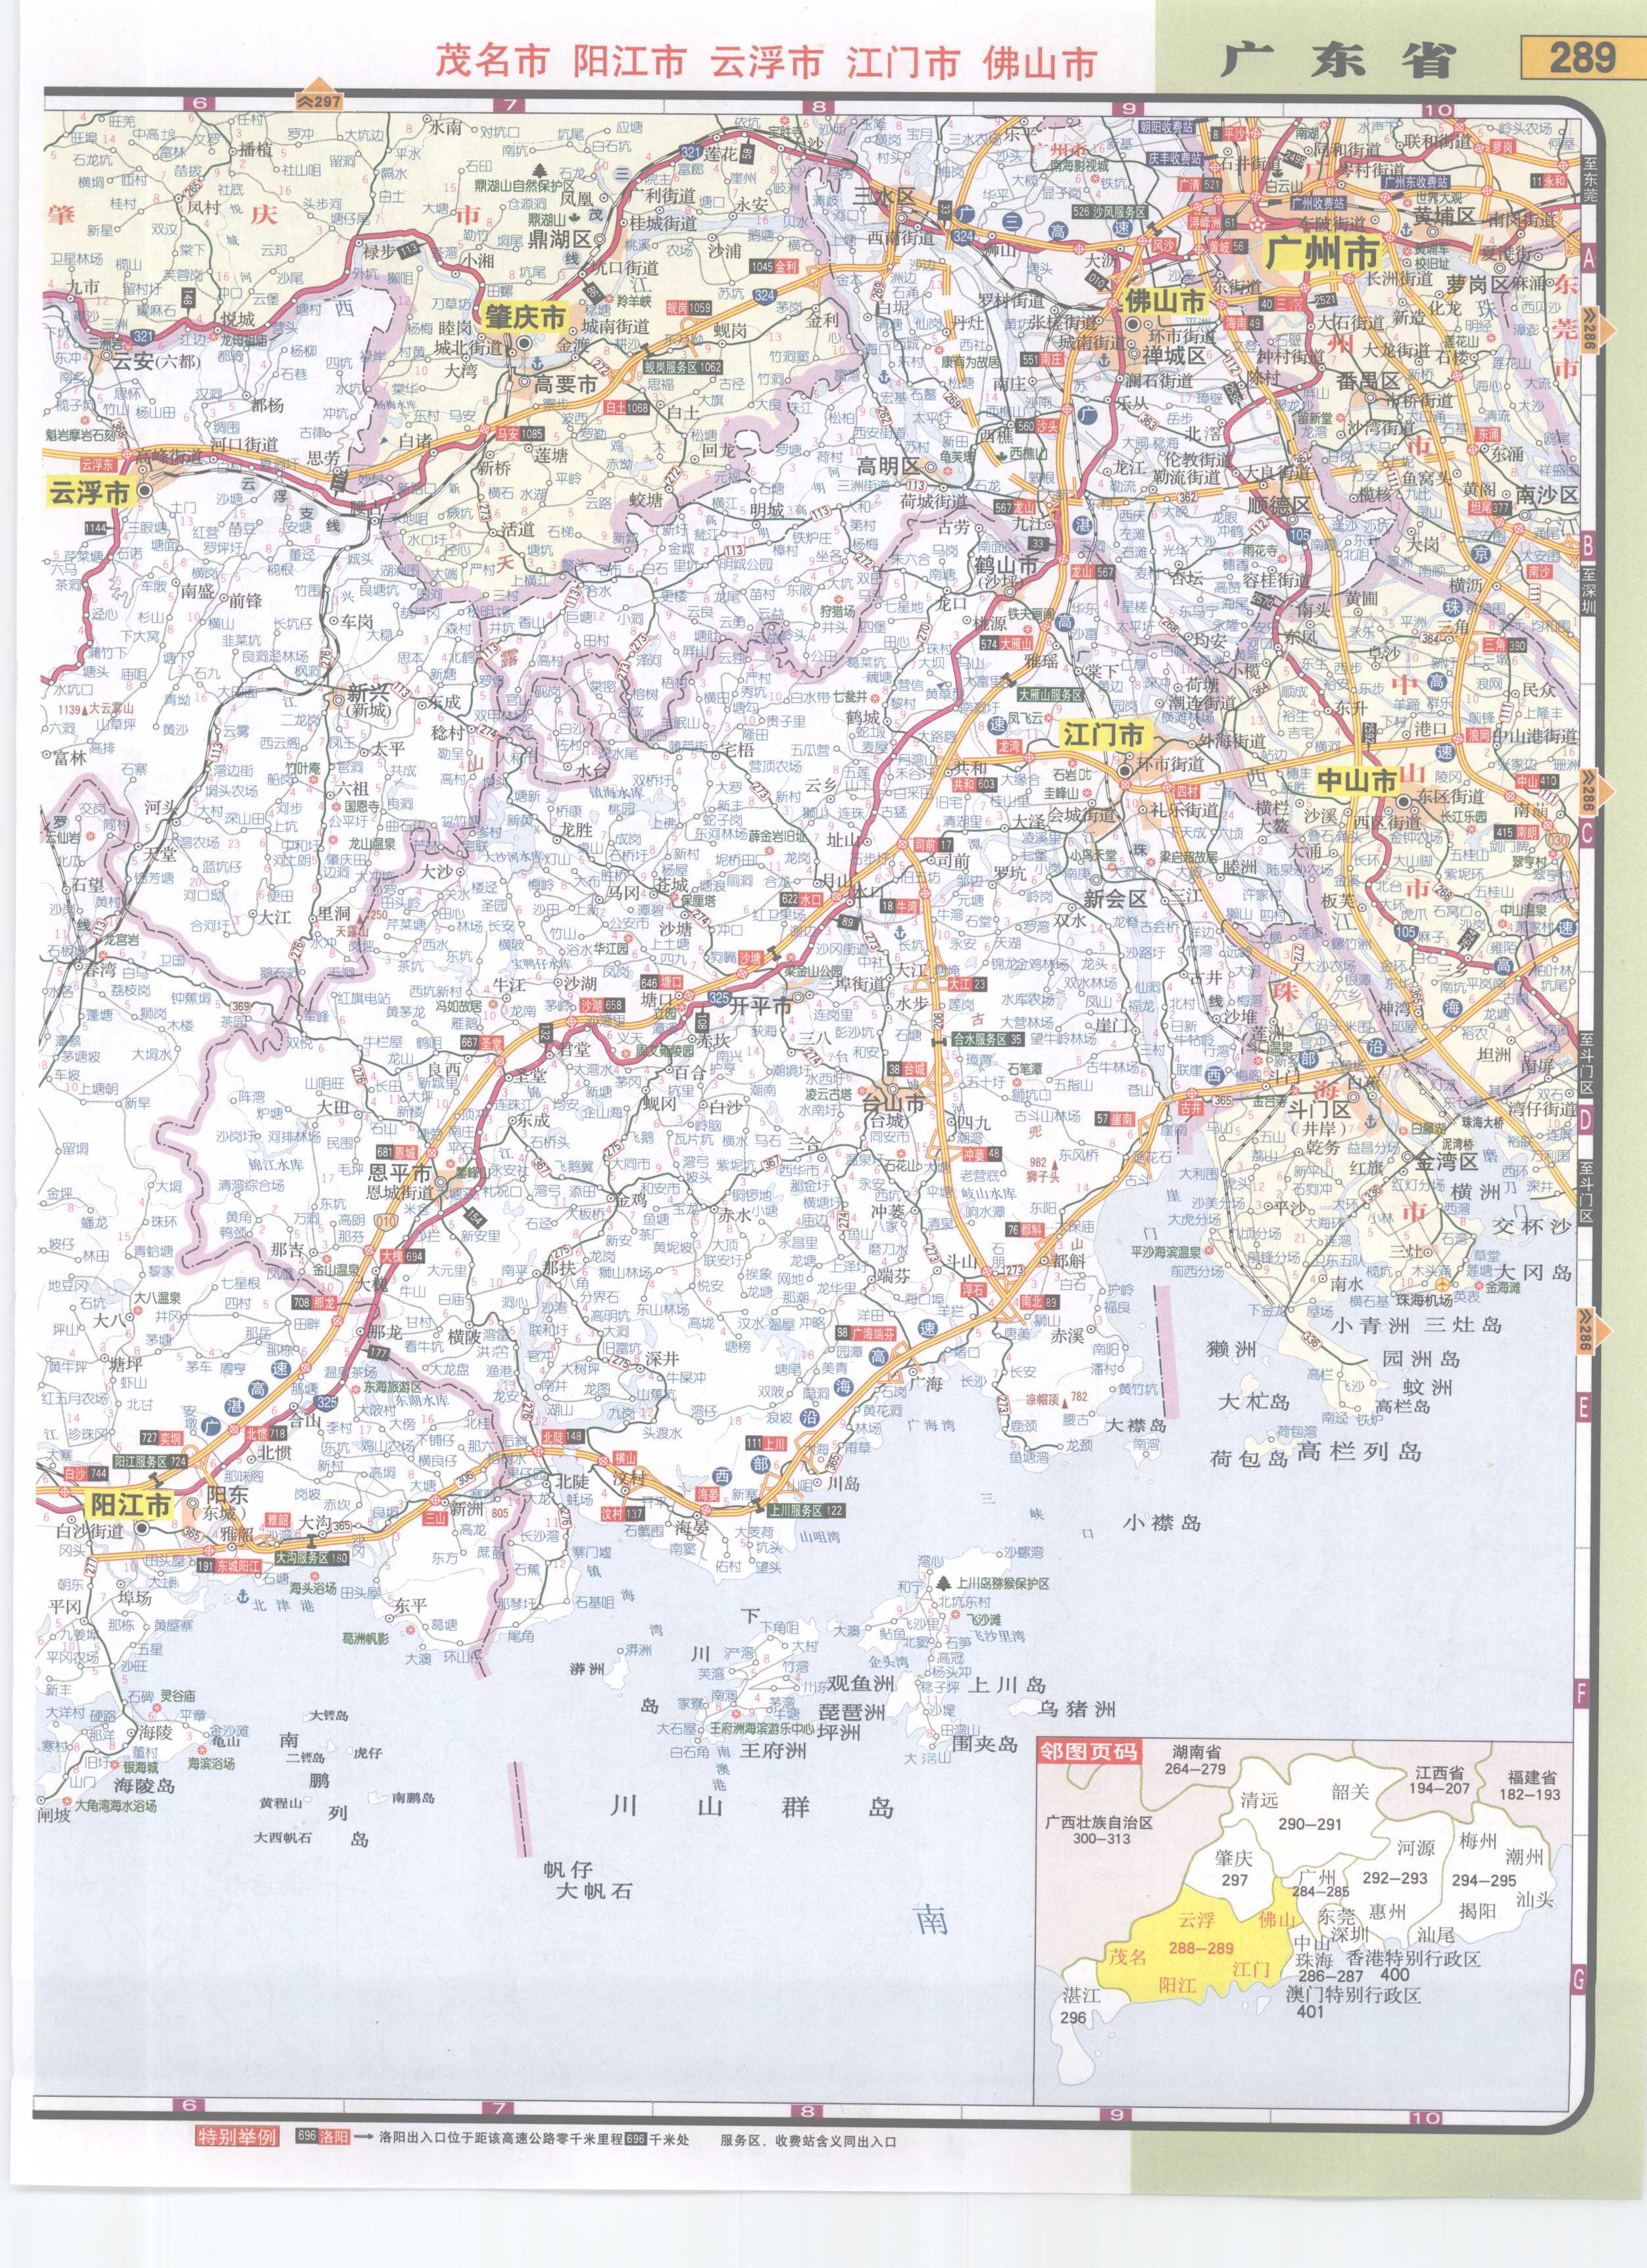 广东阳江地图全图内容|广东阳江地图全图版面设计图片